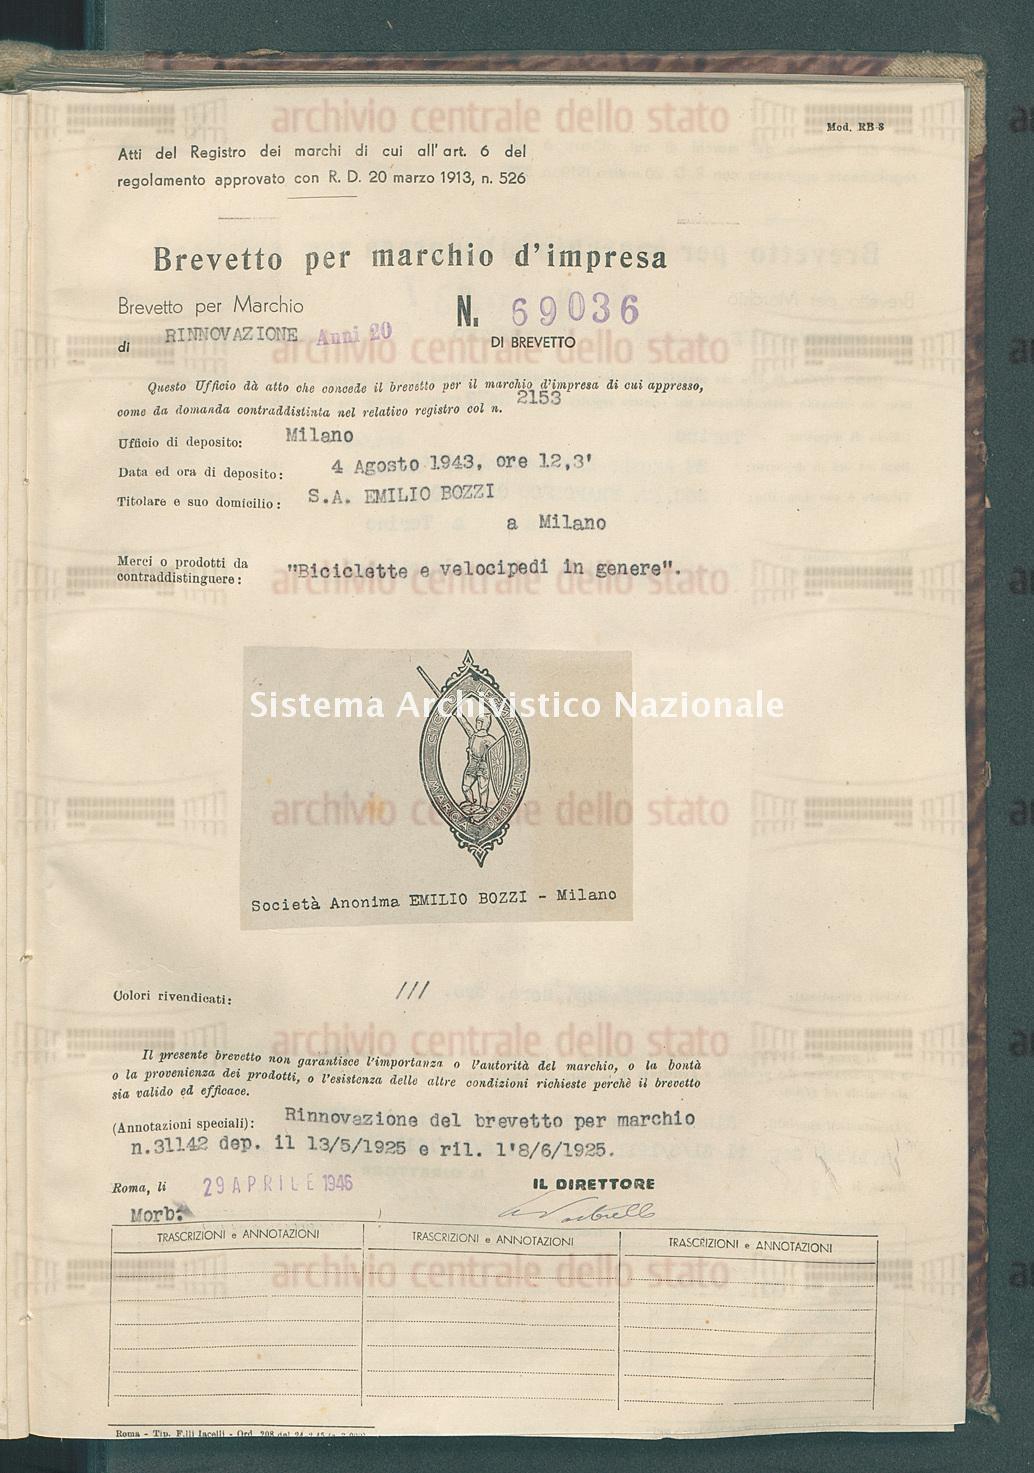 'Biciclette e velocipedi in genere' S.A. Emilio Bozzi (29/04/1946)